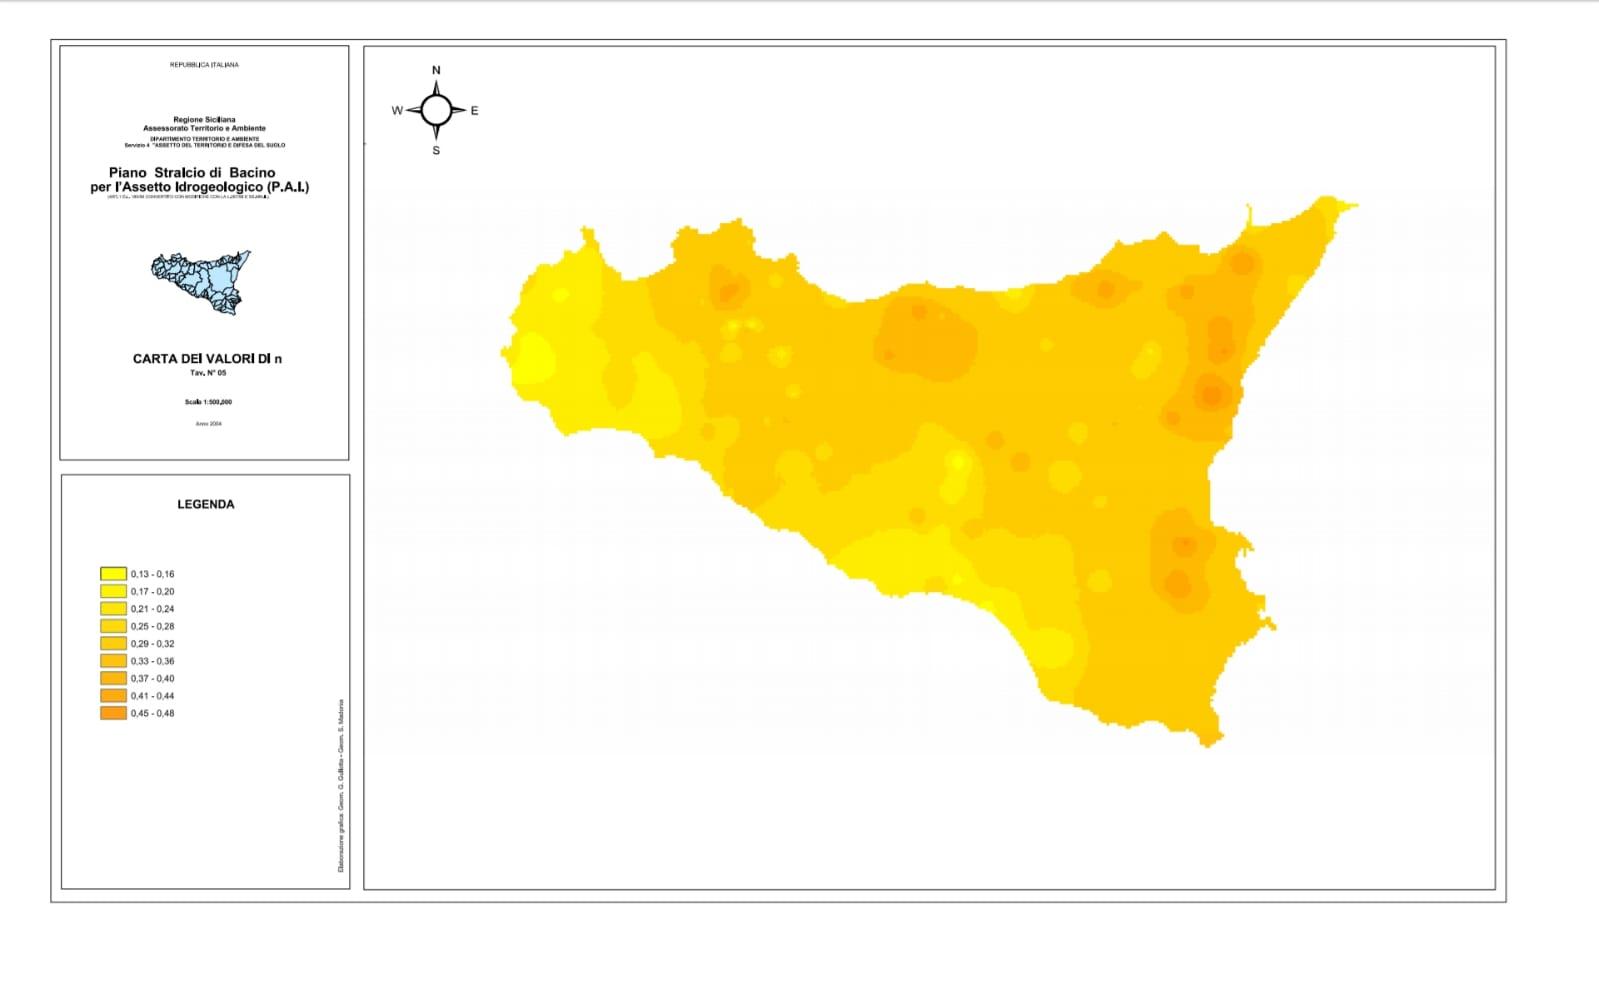 """La Sicilia tra le regioni a più alto rischio idrogeologico, Volt Messina: """"Ogni amministrazione ha dimenticato il problema"""""""